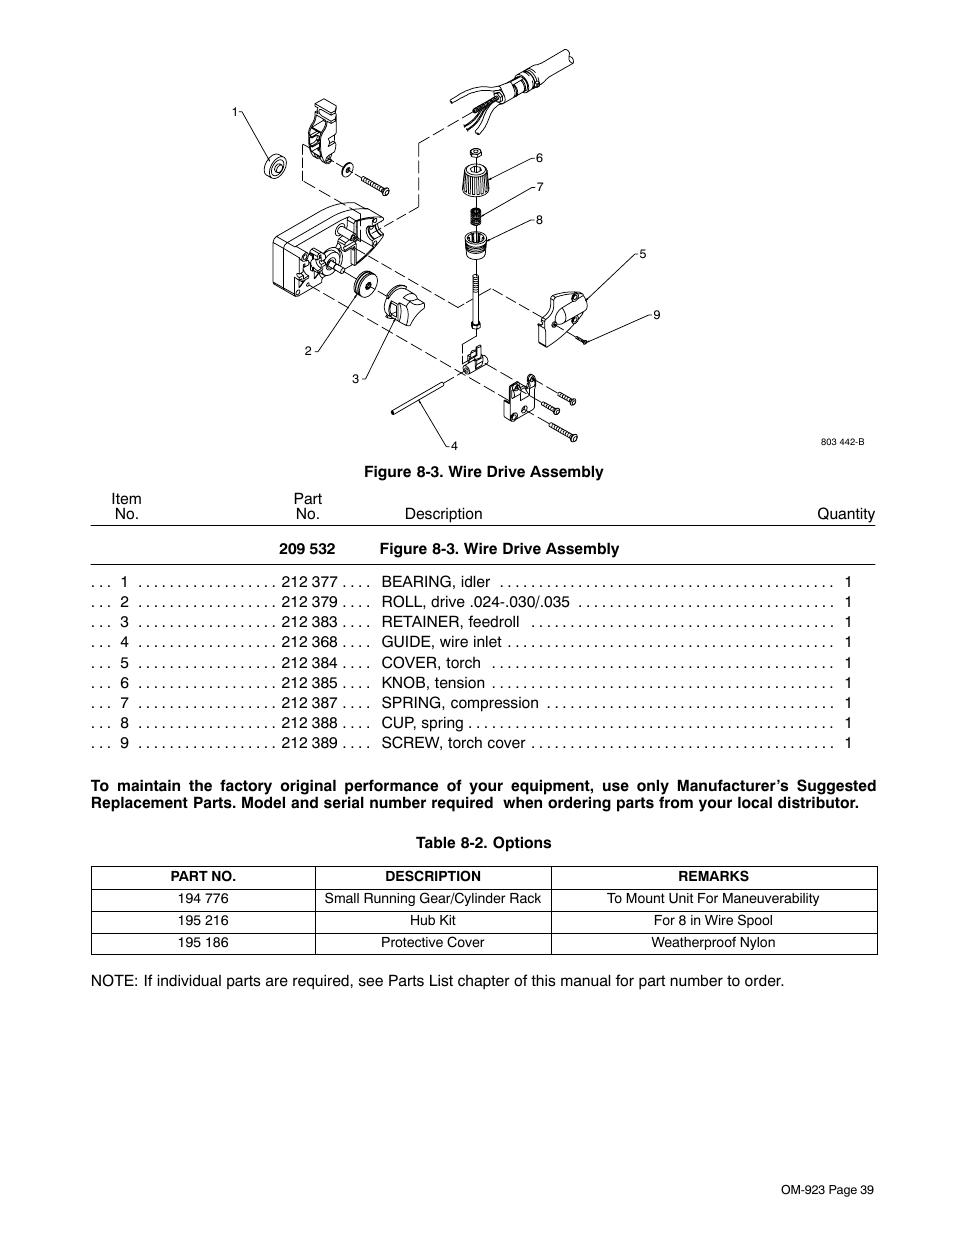 Hobart Spare Parts Manual